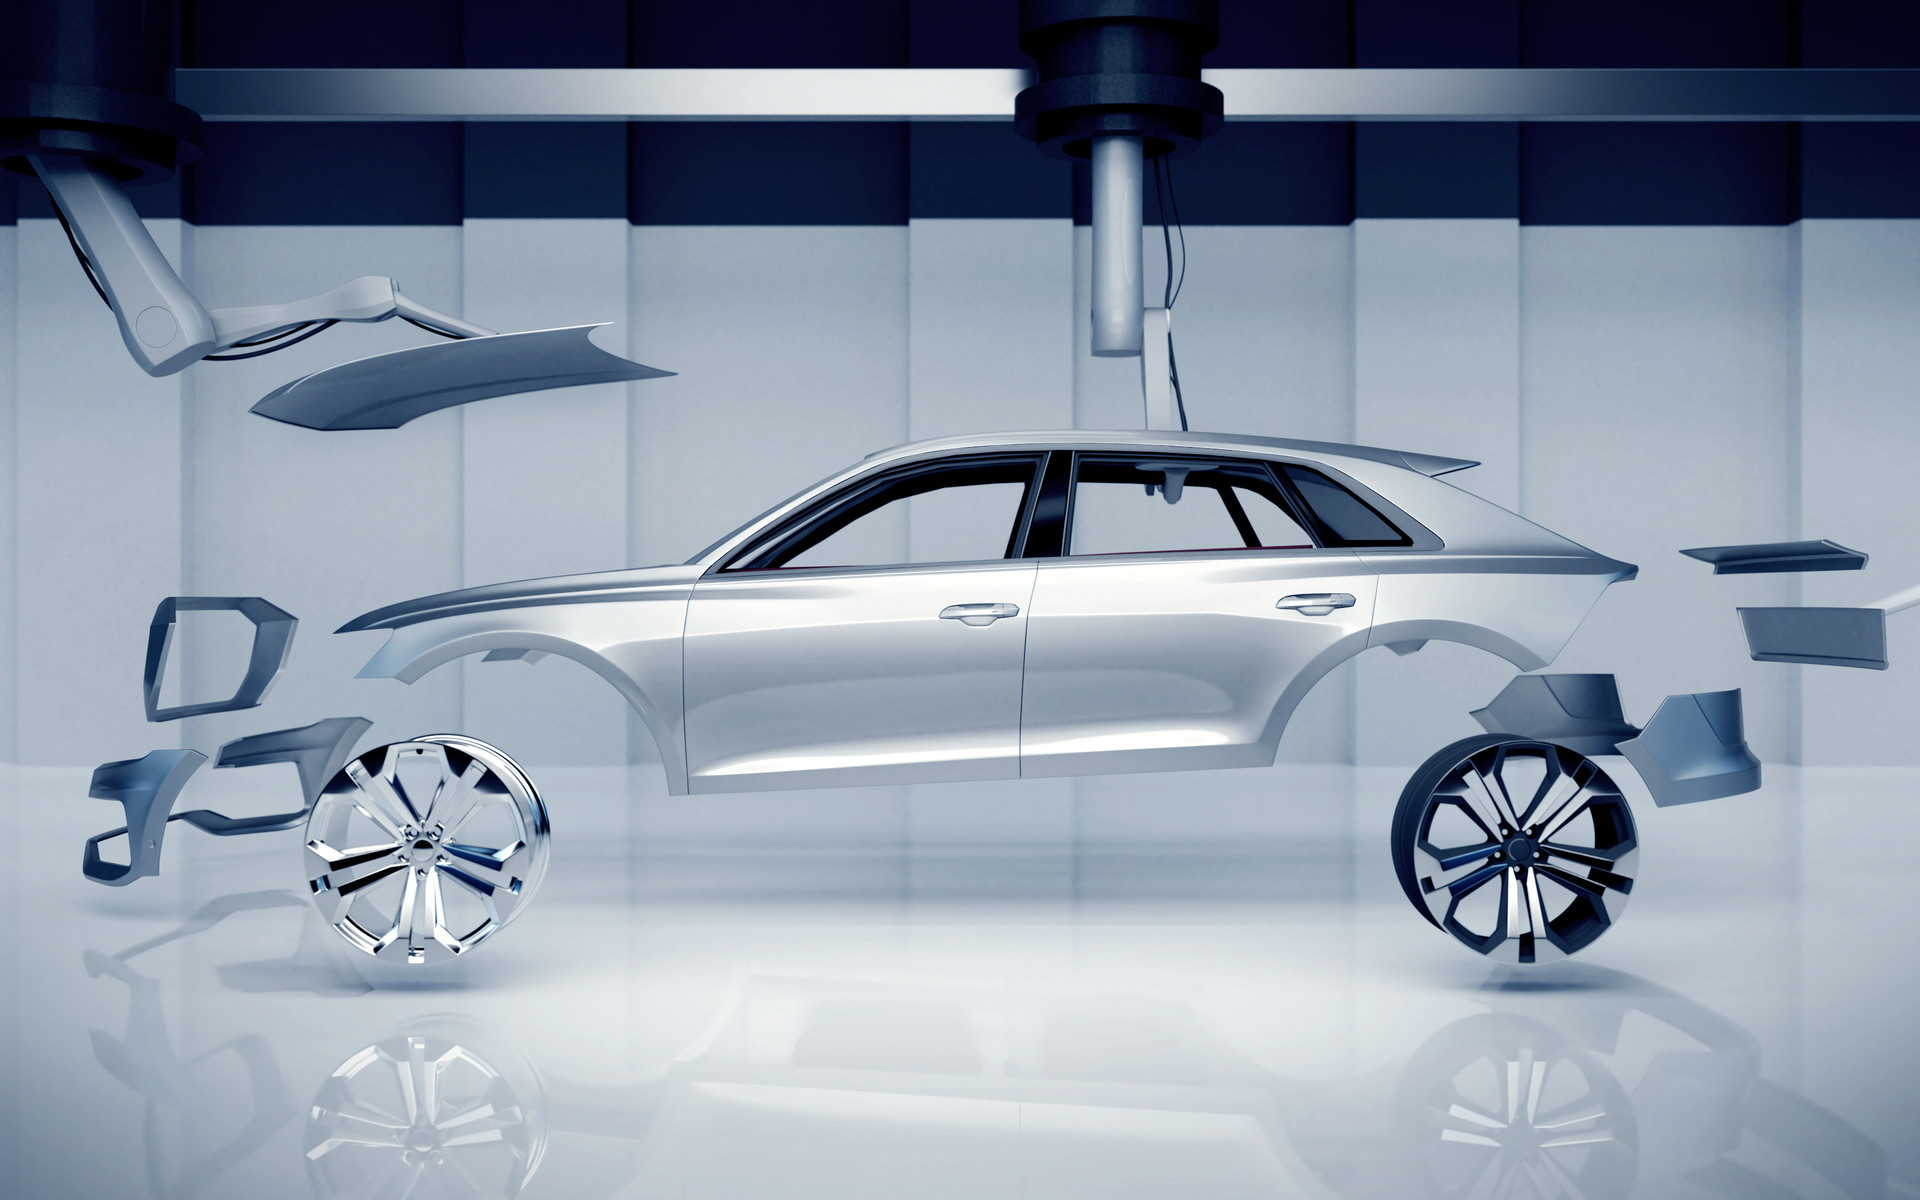 产品接连量产上车,域控制器究竟是什么神仙技术?